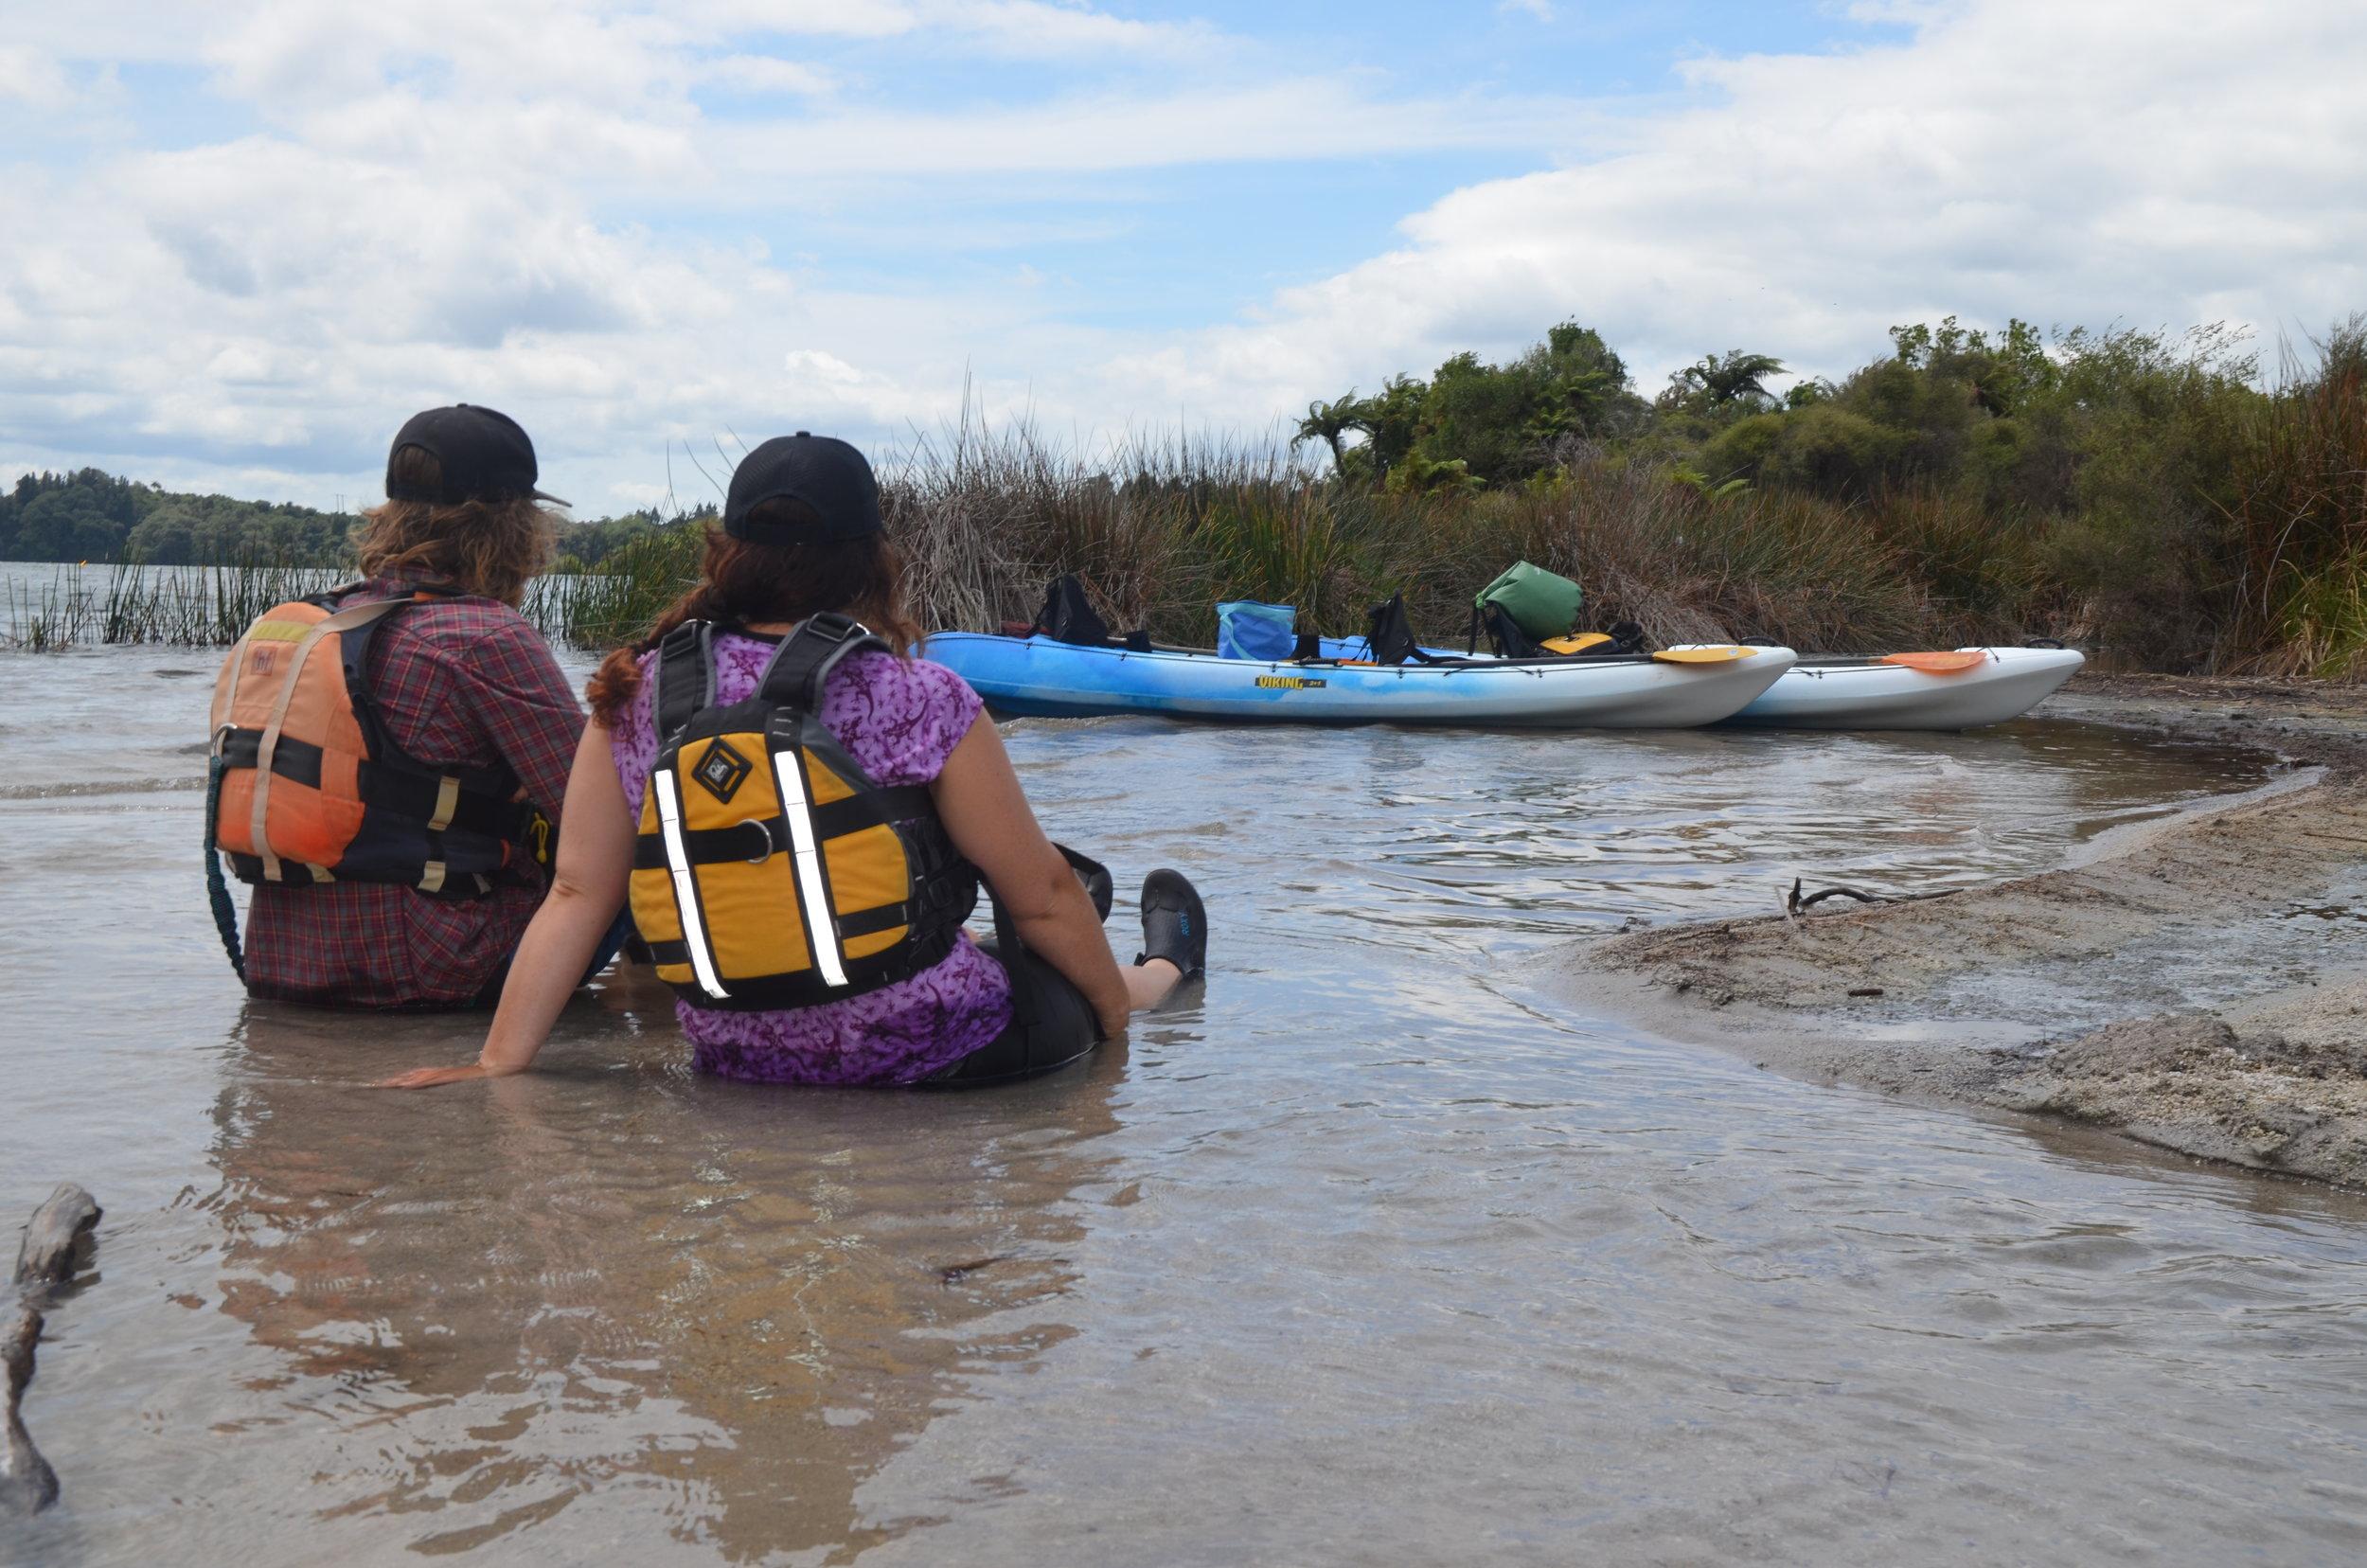 Two people in hot pools plus kayaks in background.JPG